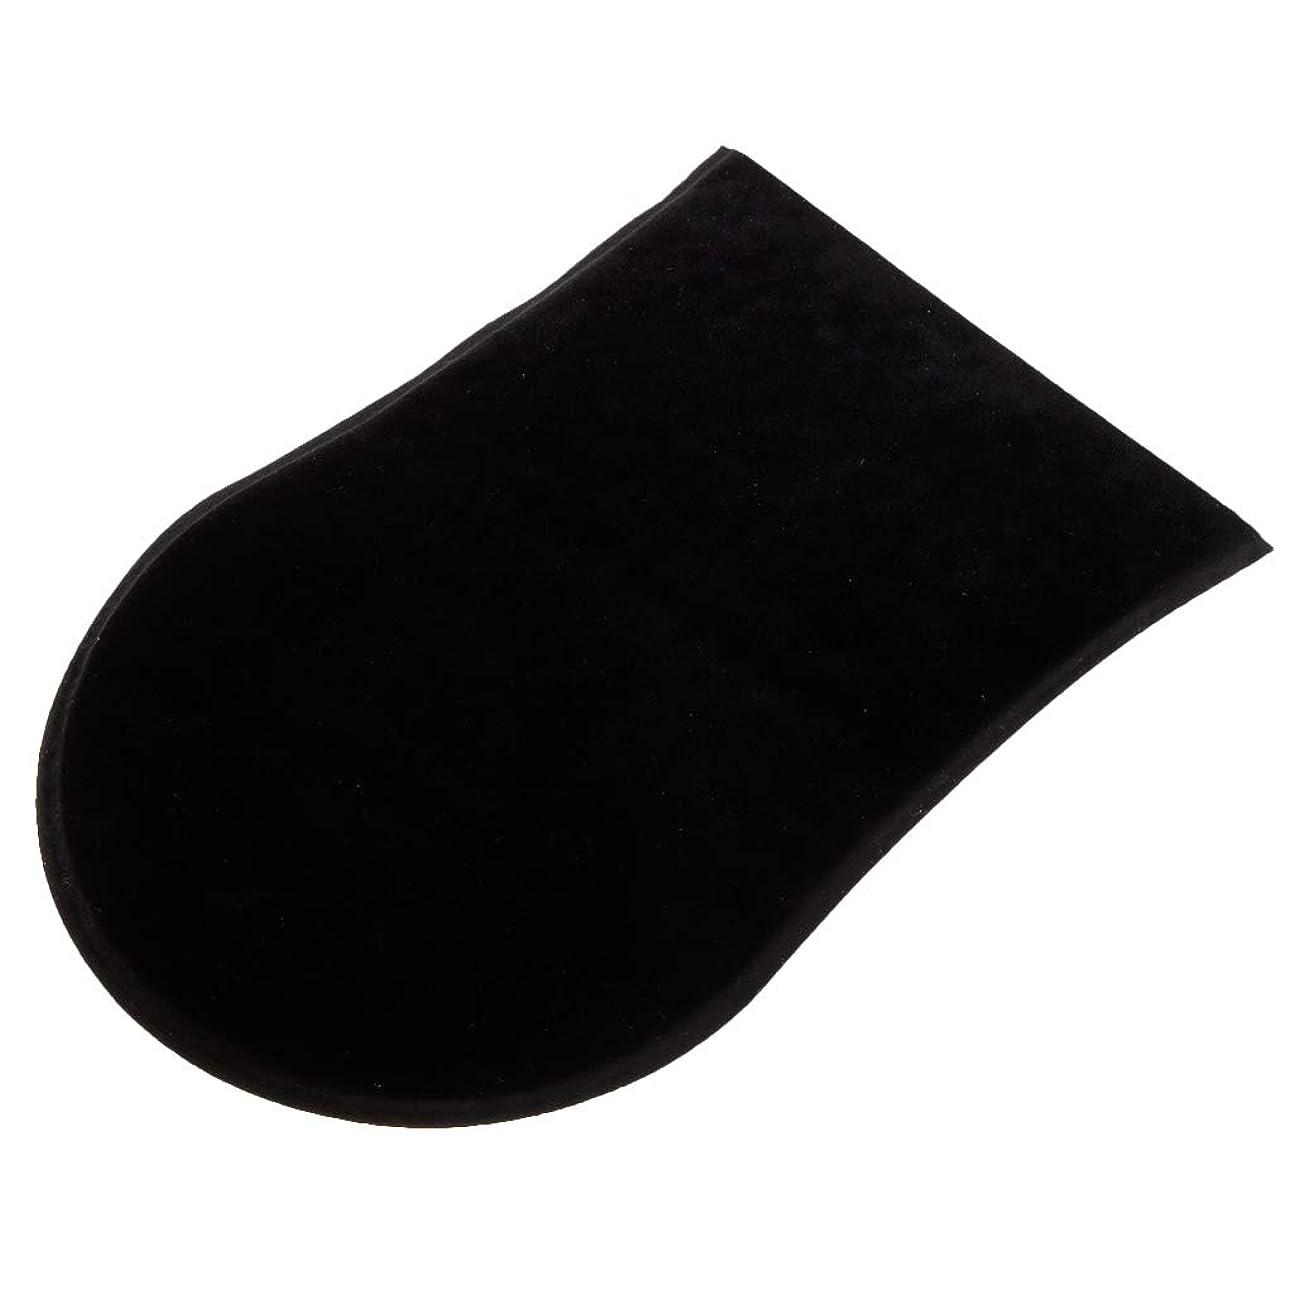 役員バスルーム寺院Toygogo 手袋 グローブ ハンドケア 日焼け止め セルフタンニング アプリケーター 再利用可能